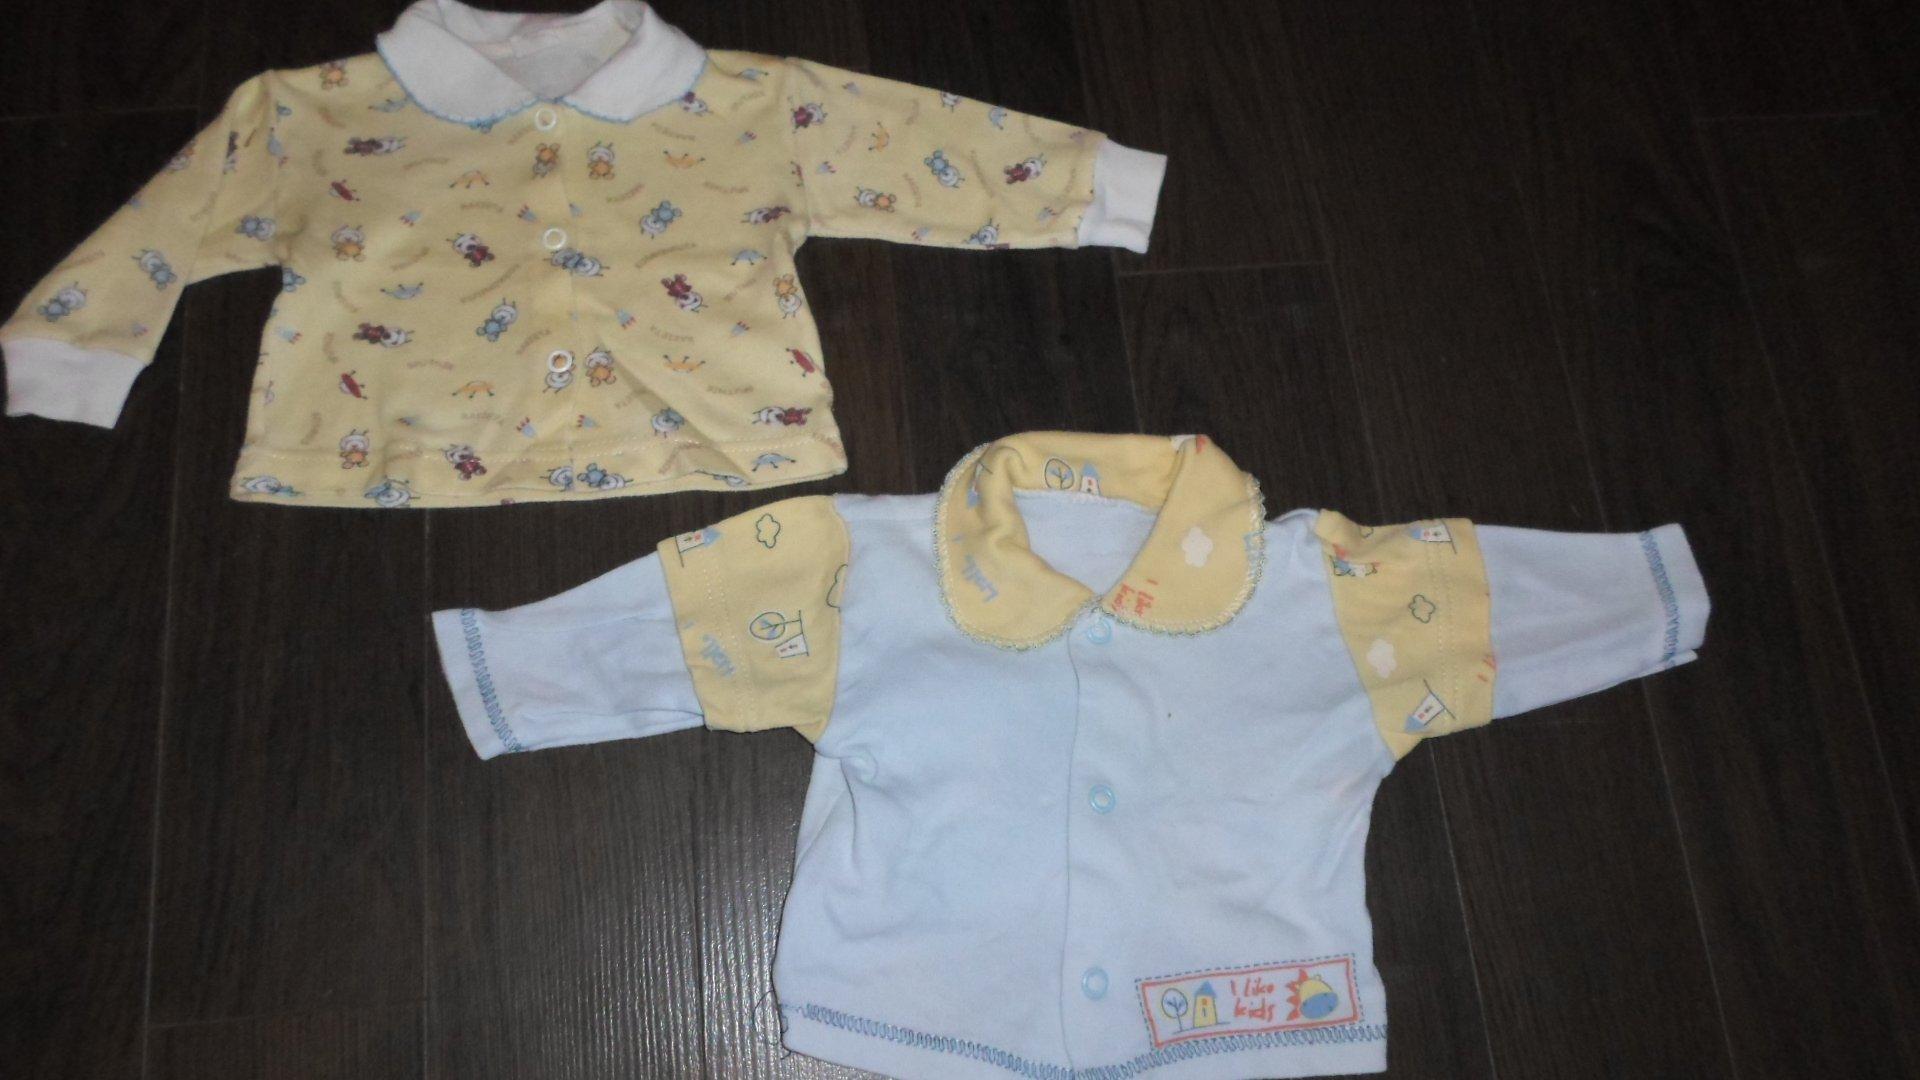 sprzedam kompletną wyprawkę dla niemowlaka, ponad 100szt. ubranek